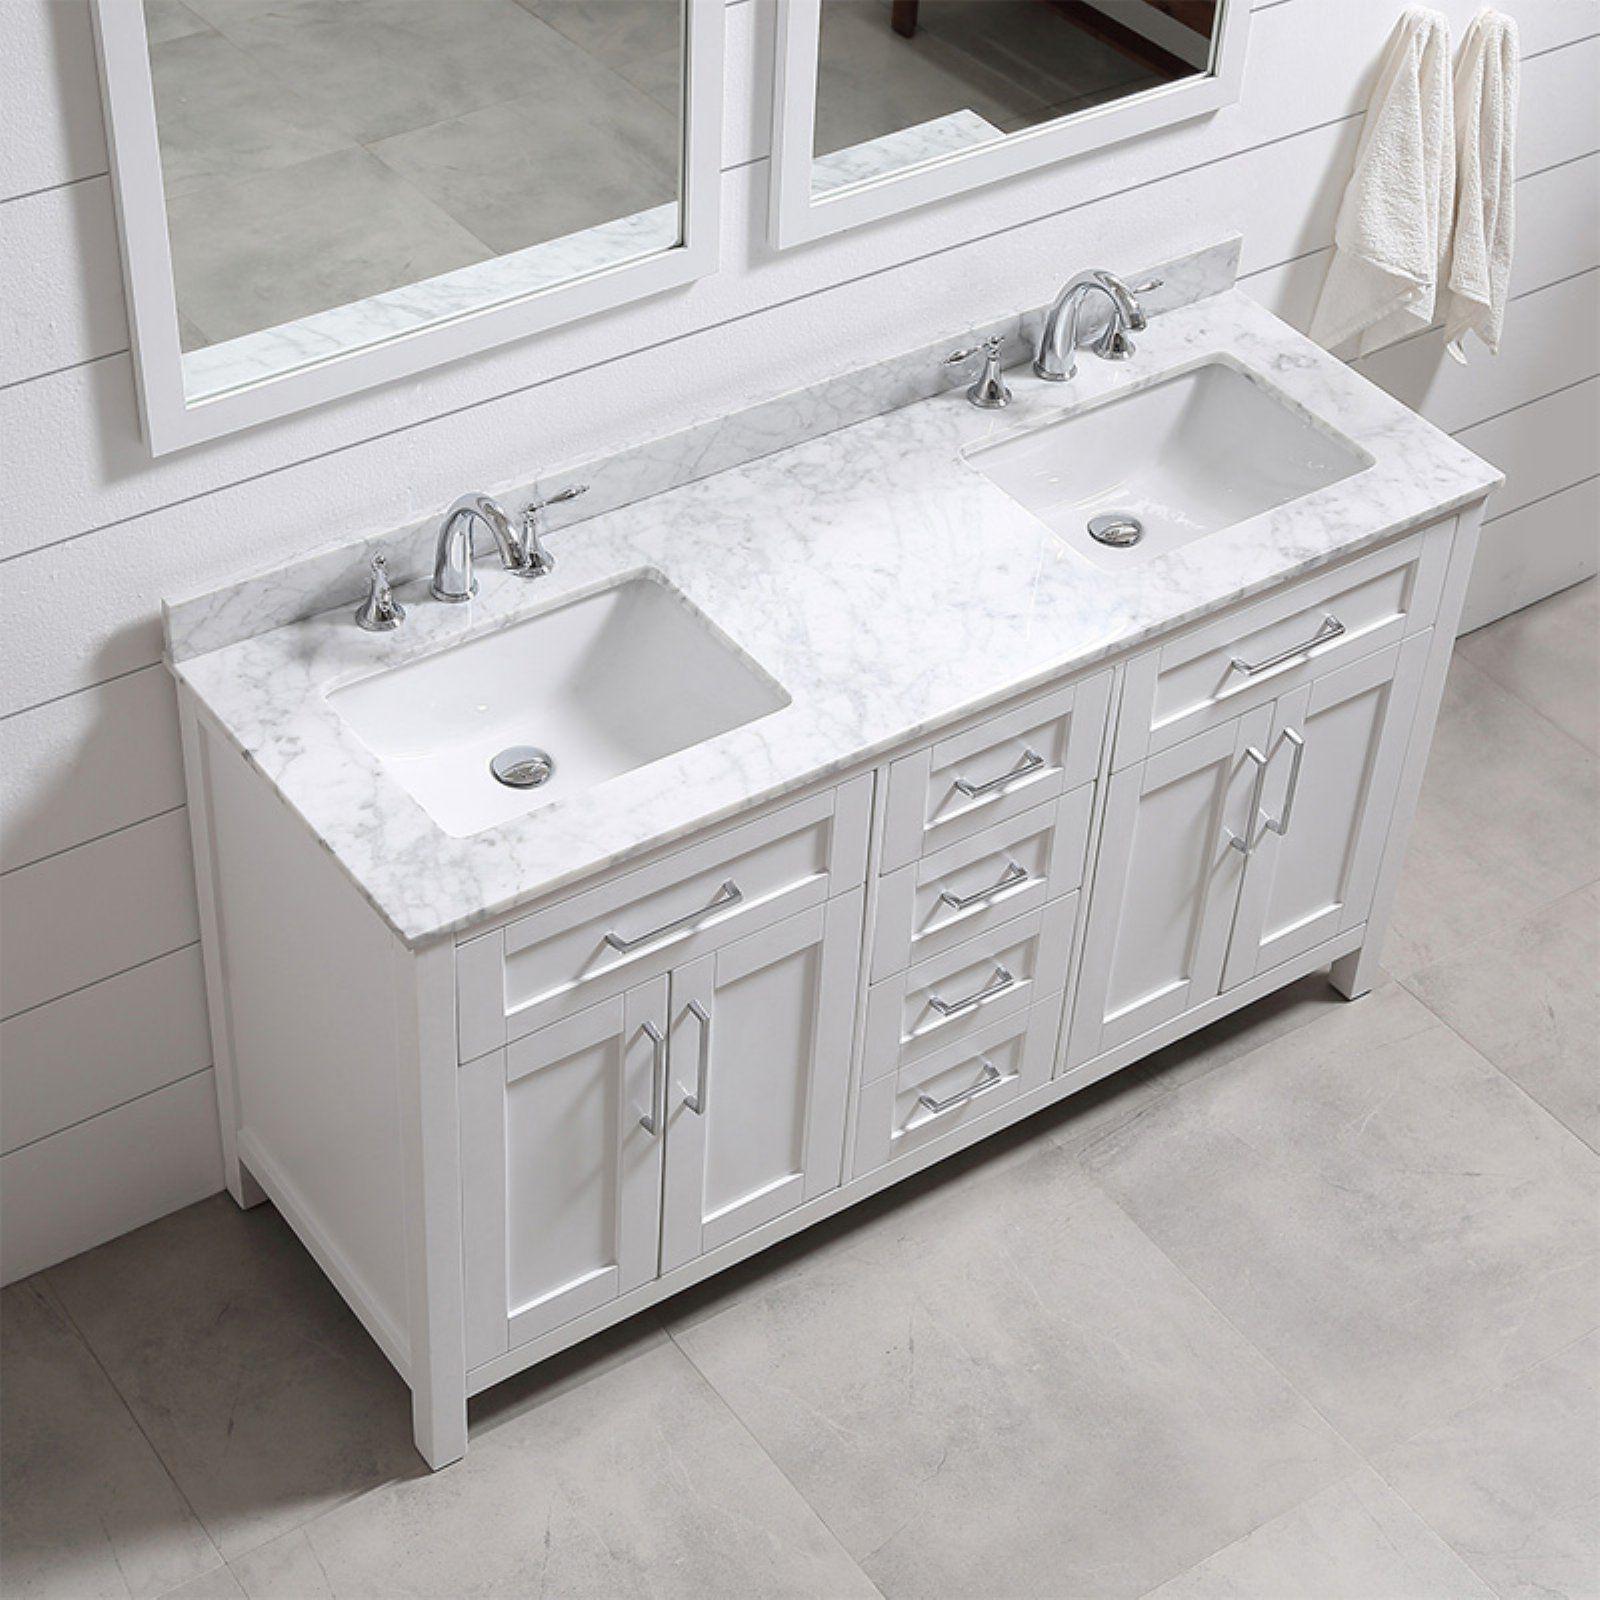 Ove Decors 60 In Double Sink Bathroom Vanity Bathroom Sink Vanity Double Sink Bathroom White Vanity Bathroom